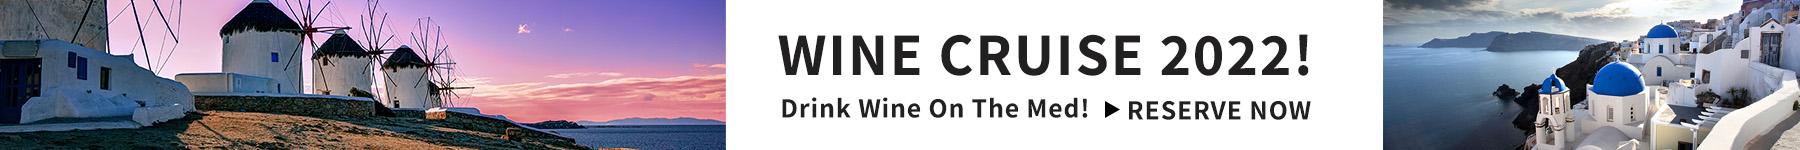 NHvino - wine cruise home header 2